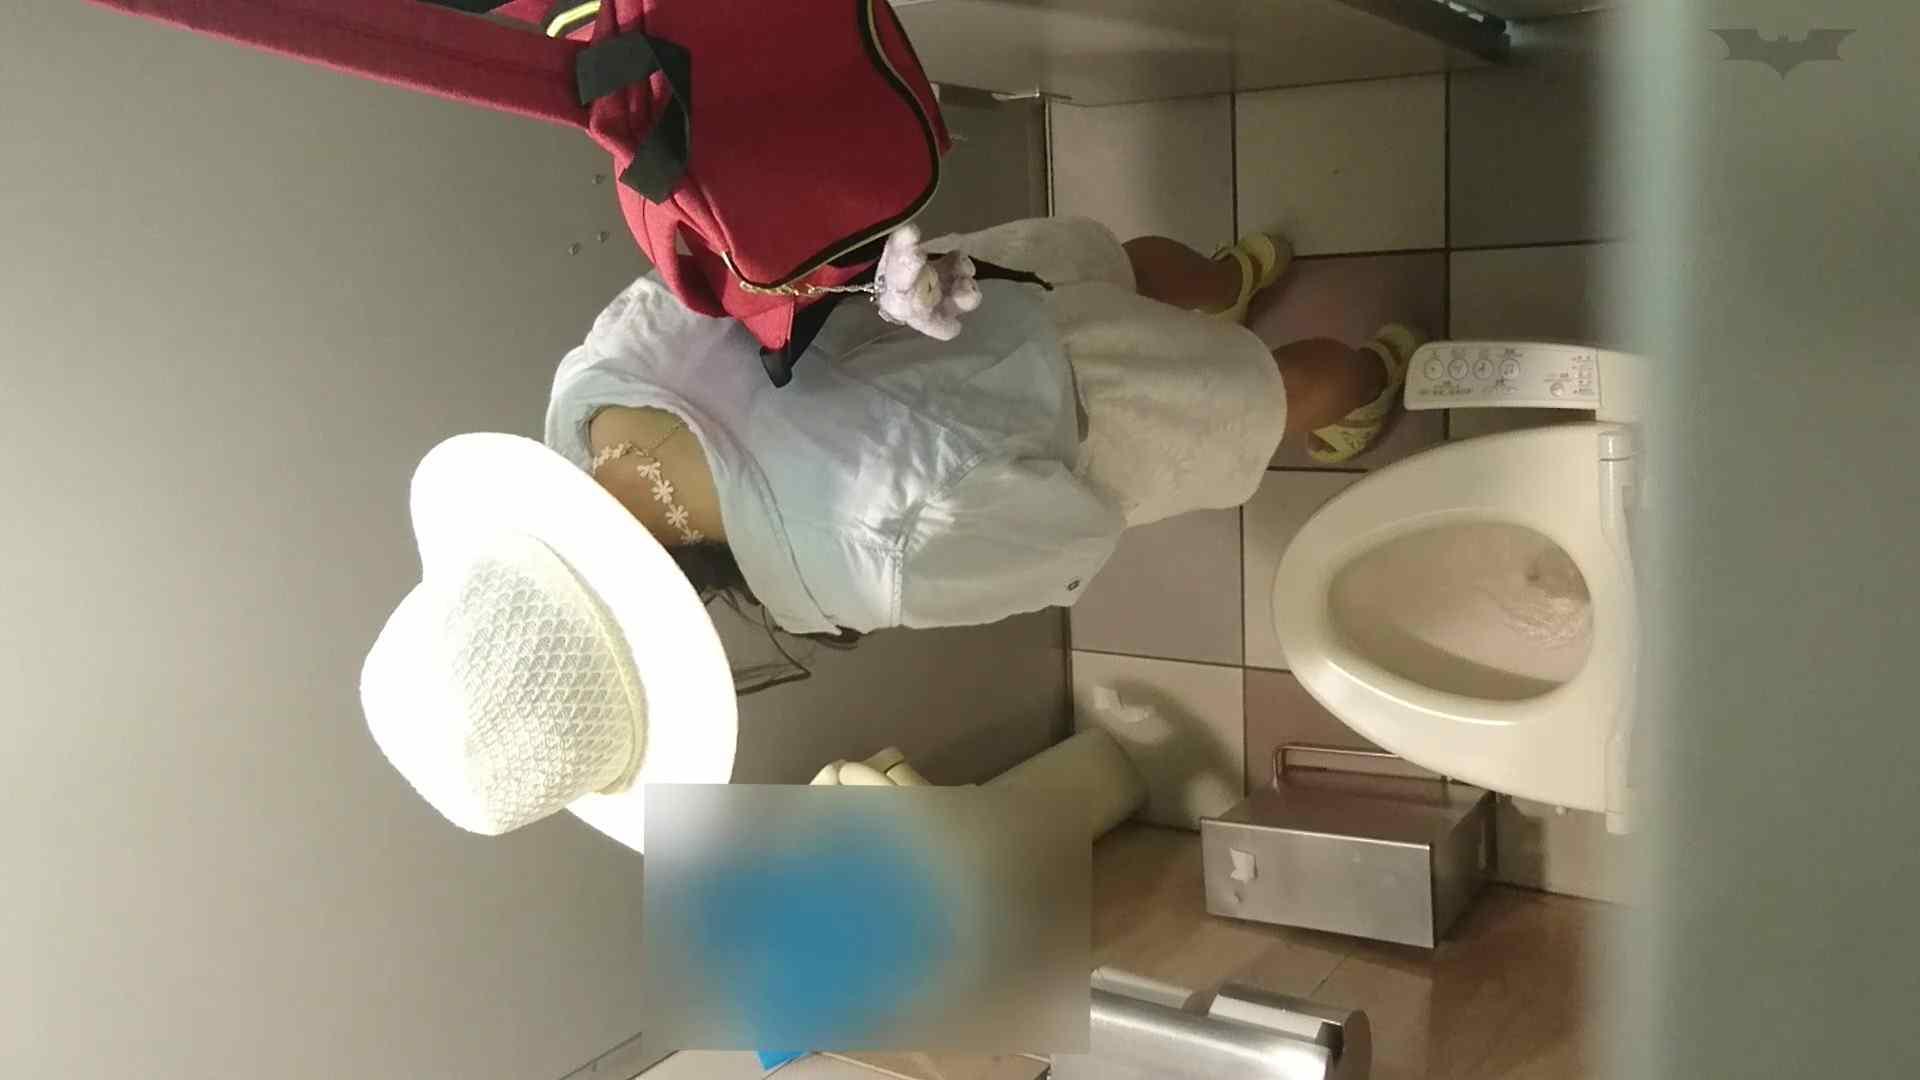 化粧室絵巻 ショッピングモール編 VOL.24 むっちりガール おめこ無修正動画無料 109枚 8